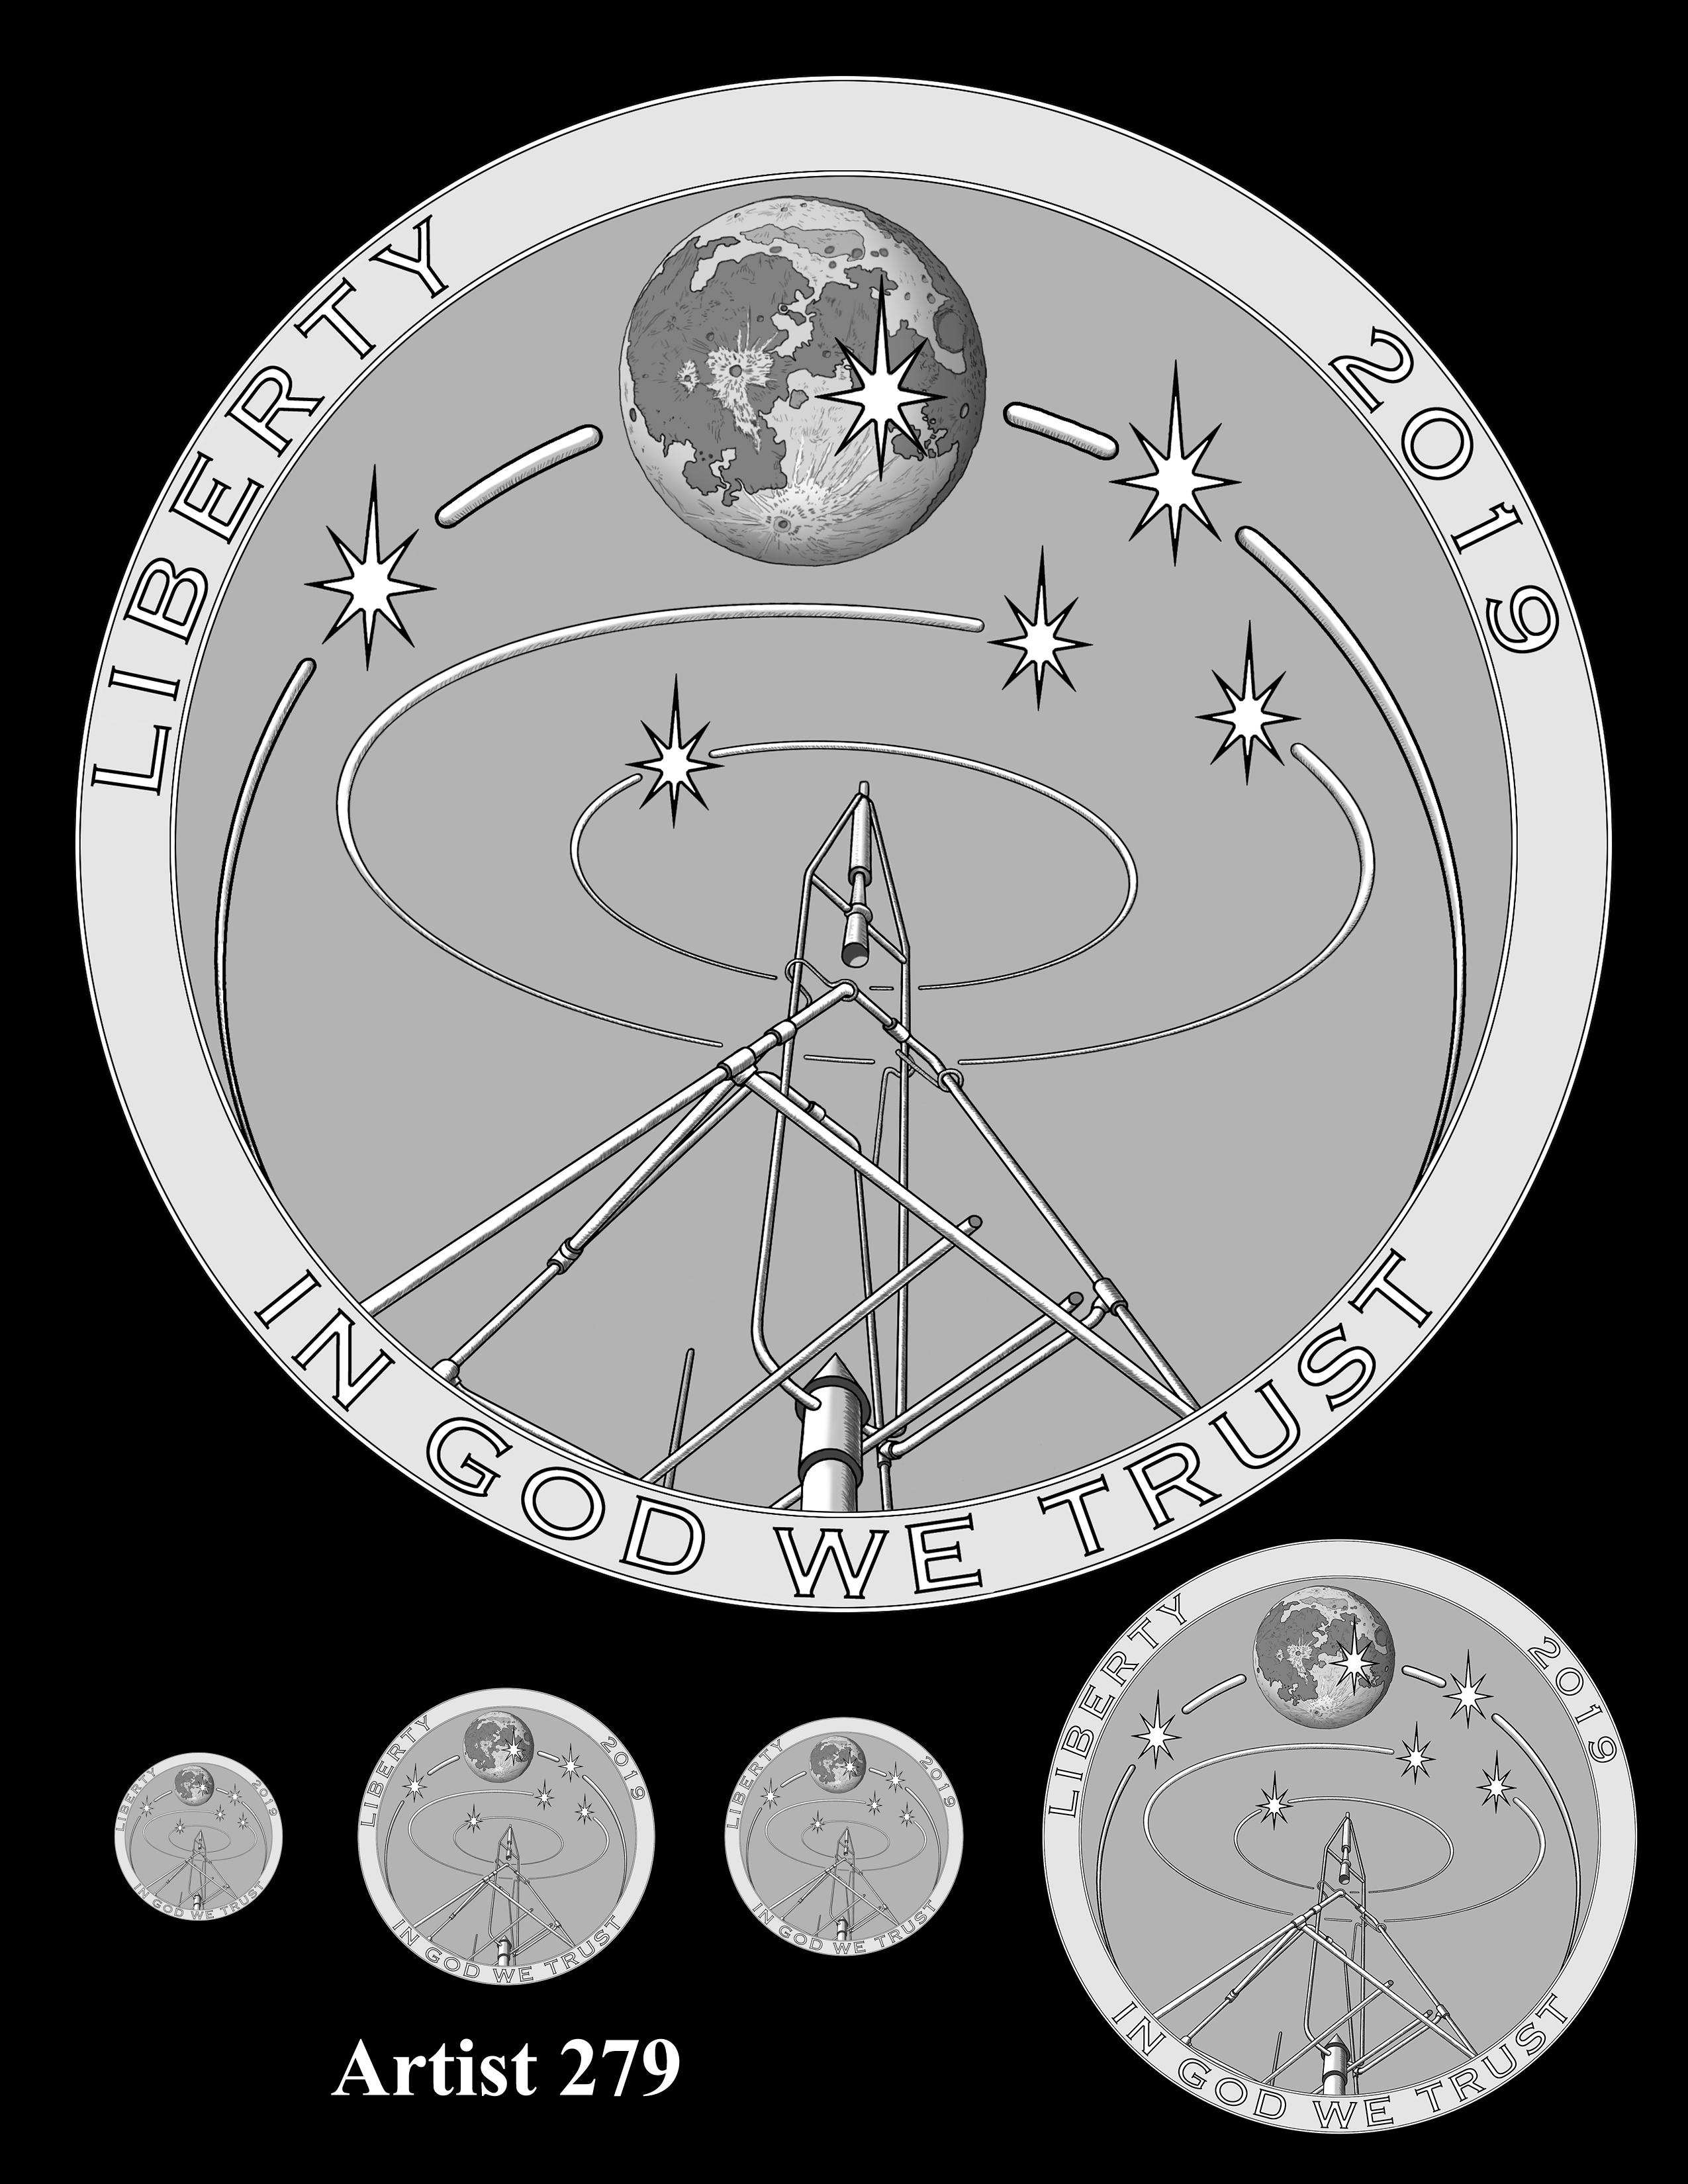 Artist 279 -- Apollo 11 50th Anniversary Commemorative Coin Obverse Design Competition